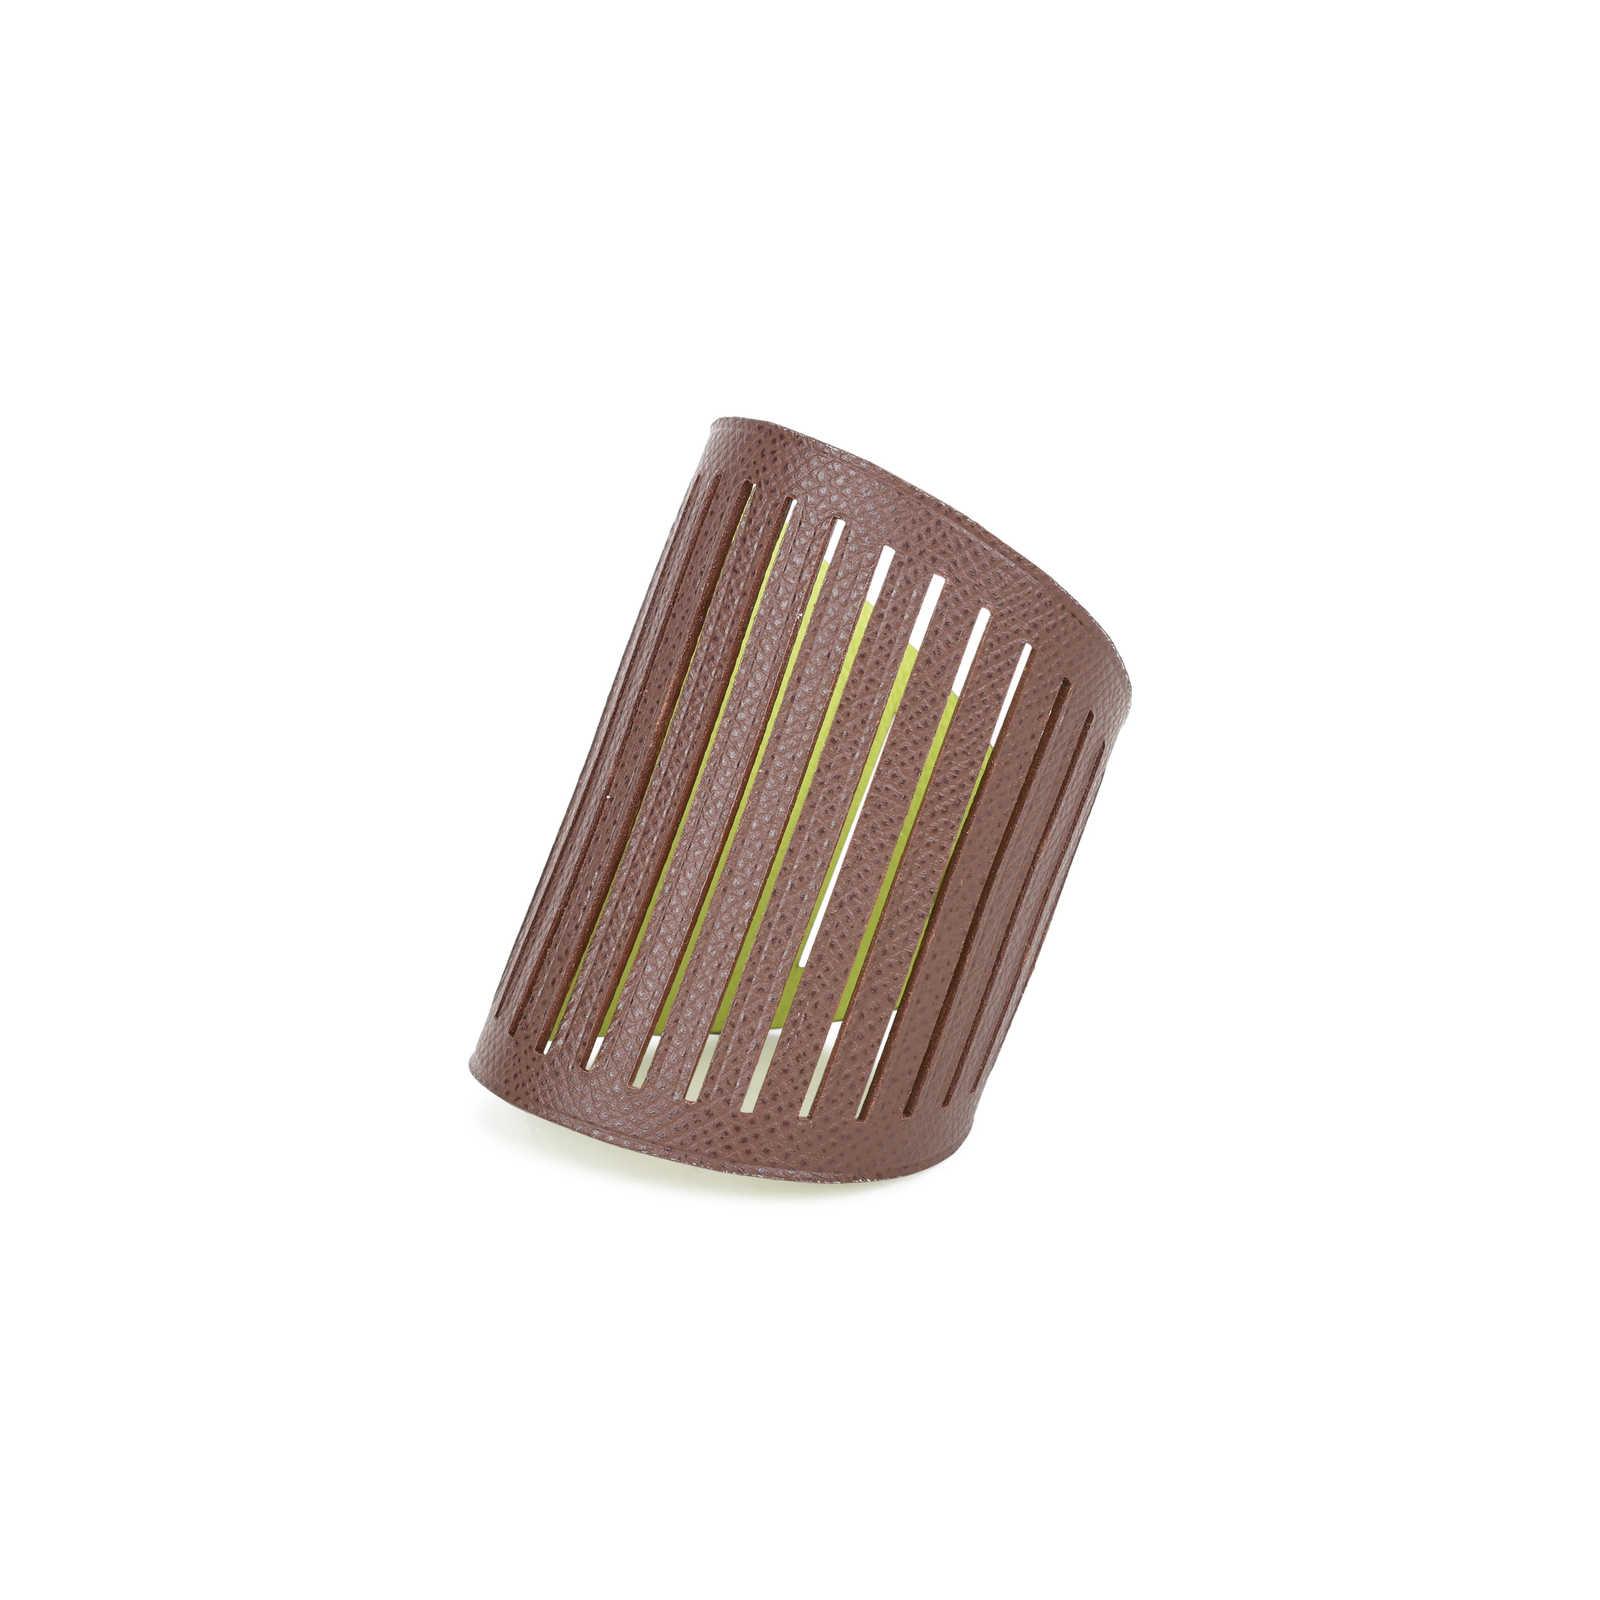 6b05266ecff7 ... Authentic Second Hand Hermès Petit H Ajoure Reversible Cuff Bracelet  (PSS-499-00005 ...